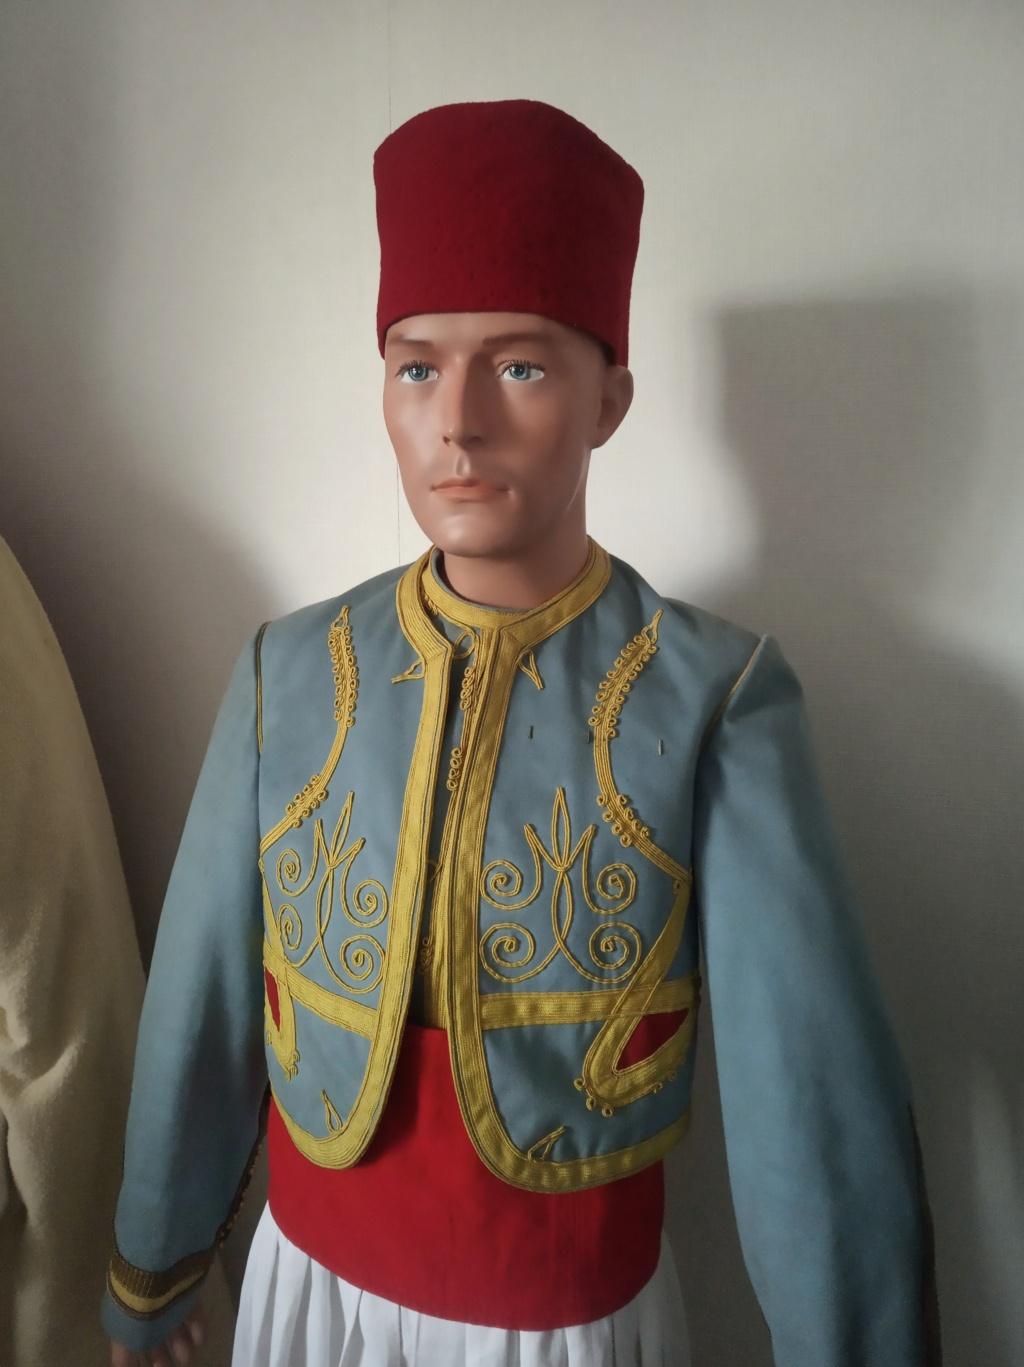 Mon premier mannequin :Sous-officier indigène de Tirailleurs Algériens vers 1910 Img_2647